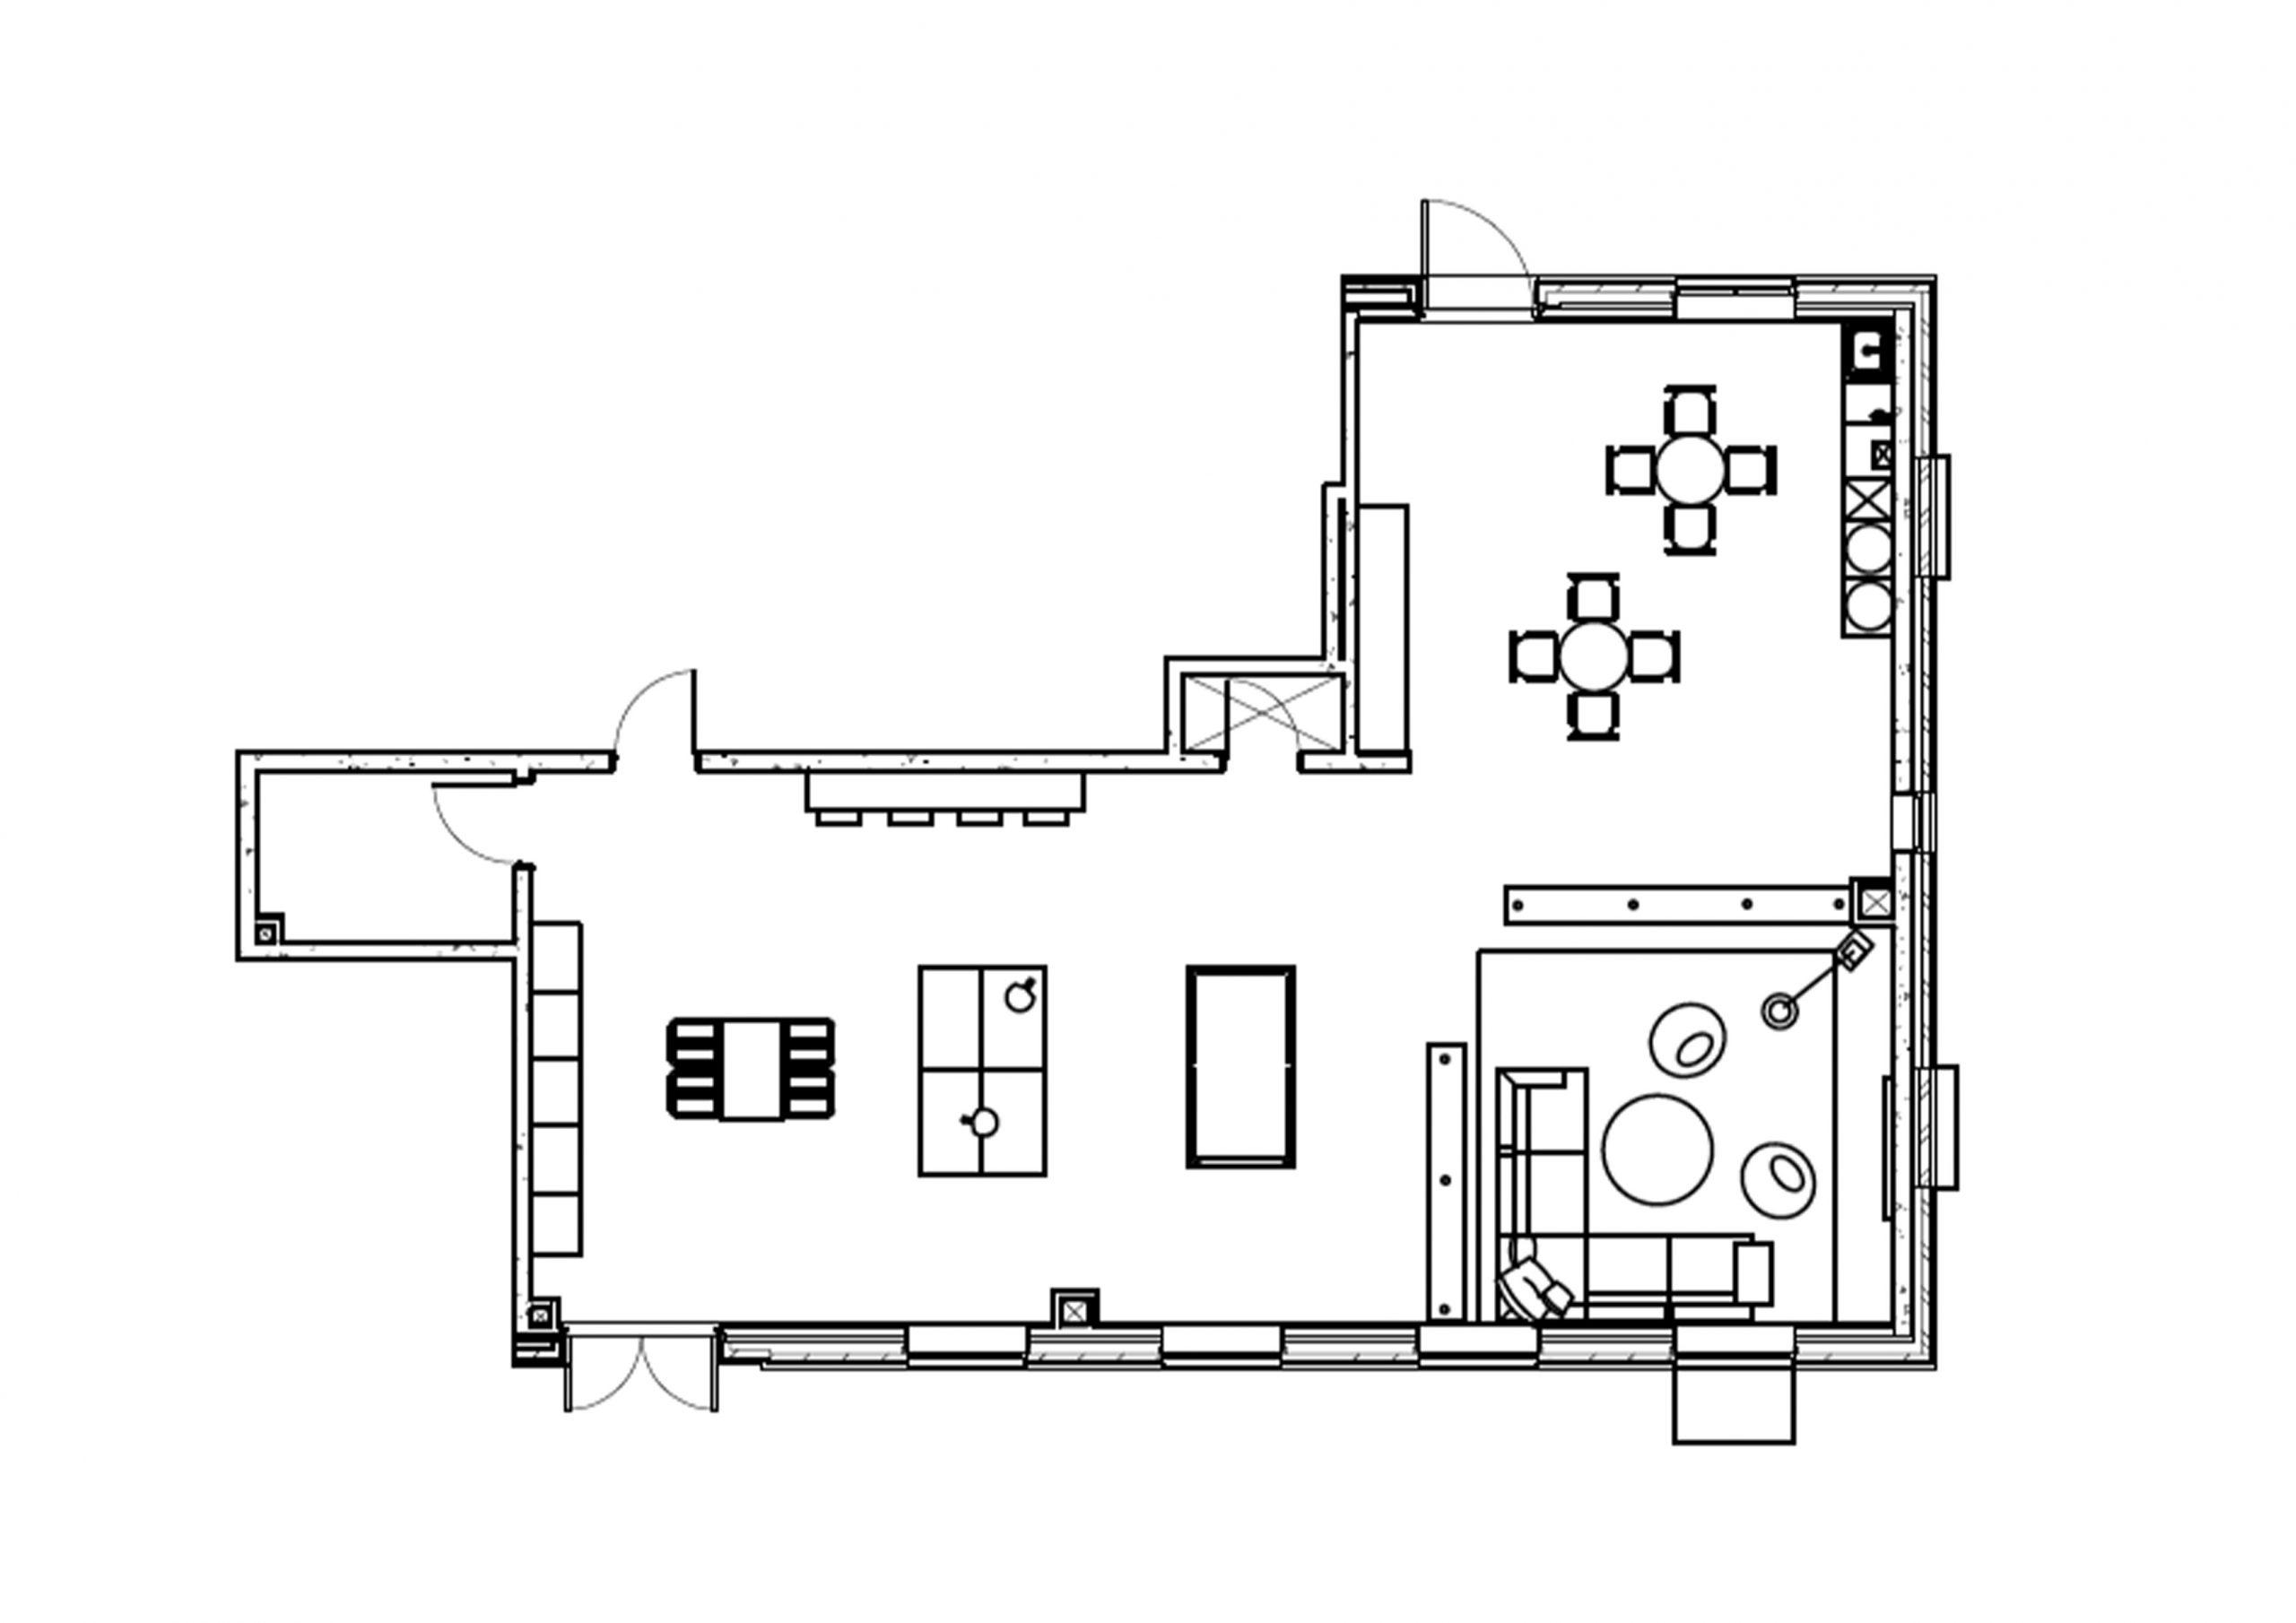 Swansea University Floor plan